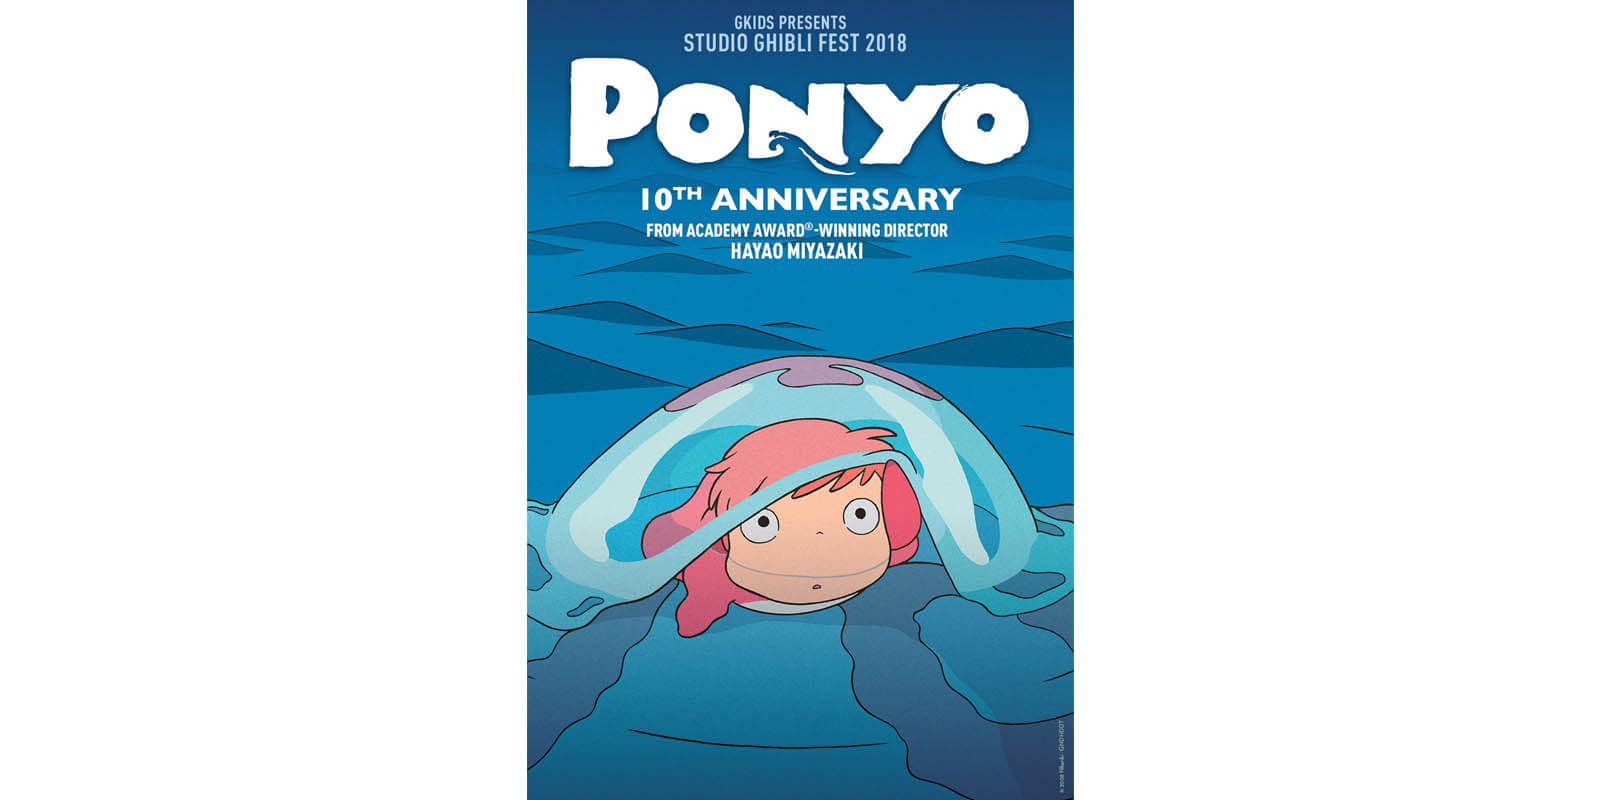 Ponyo (Studio Ghibli Fest 2018)